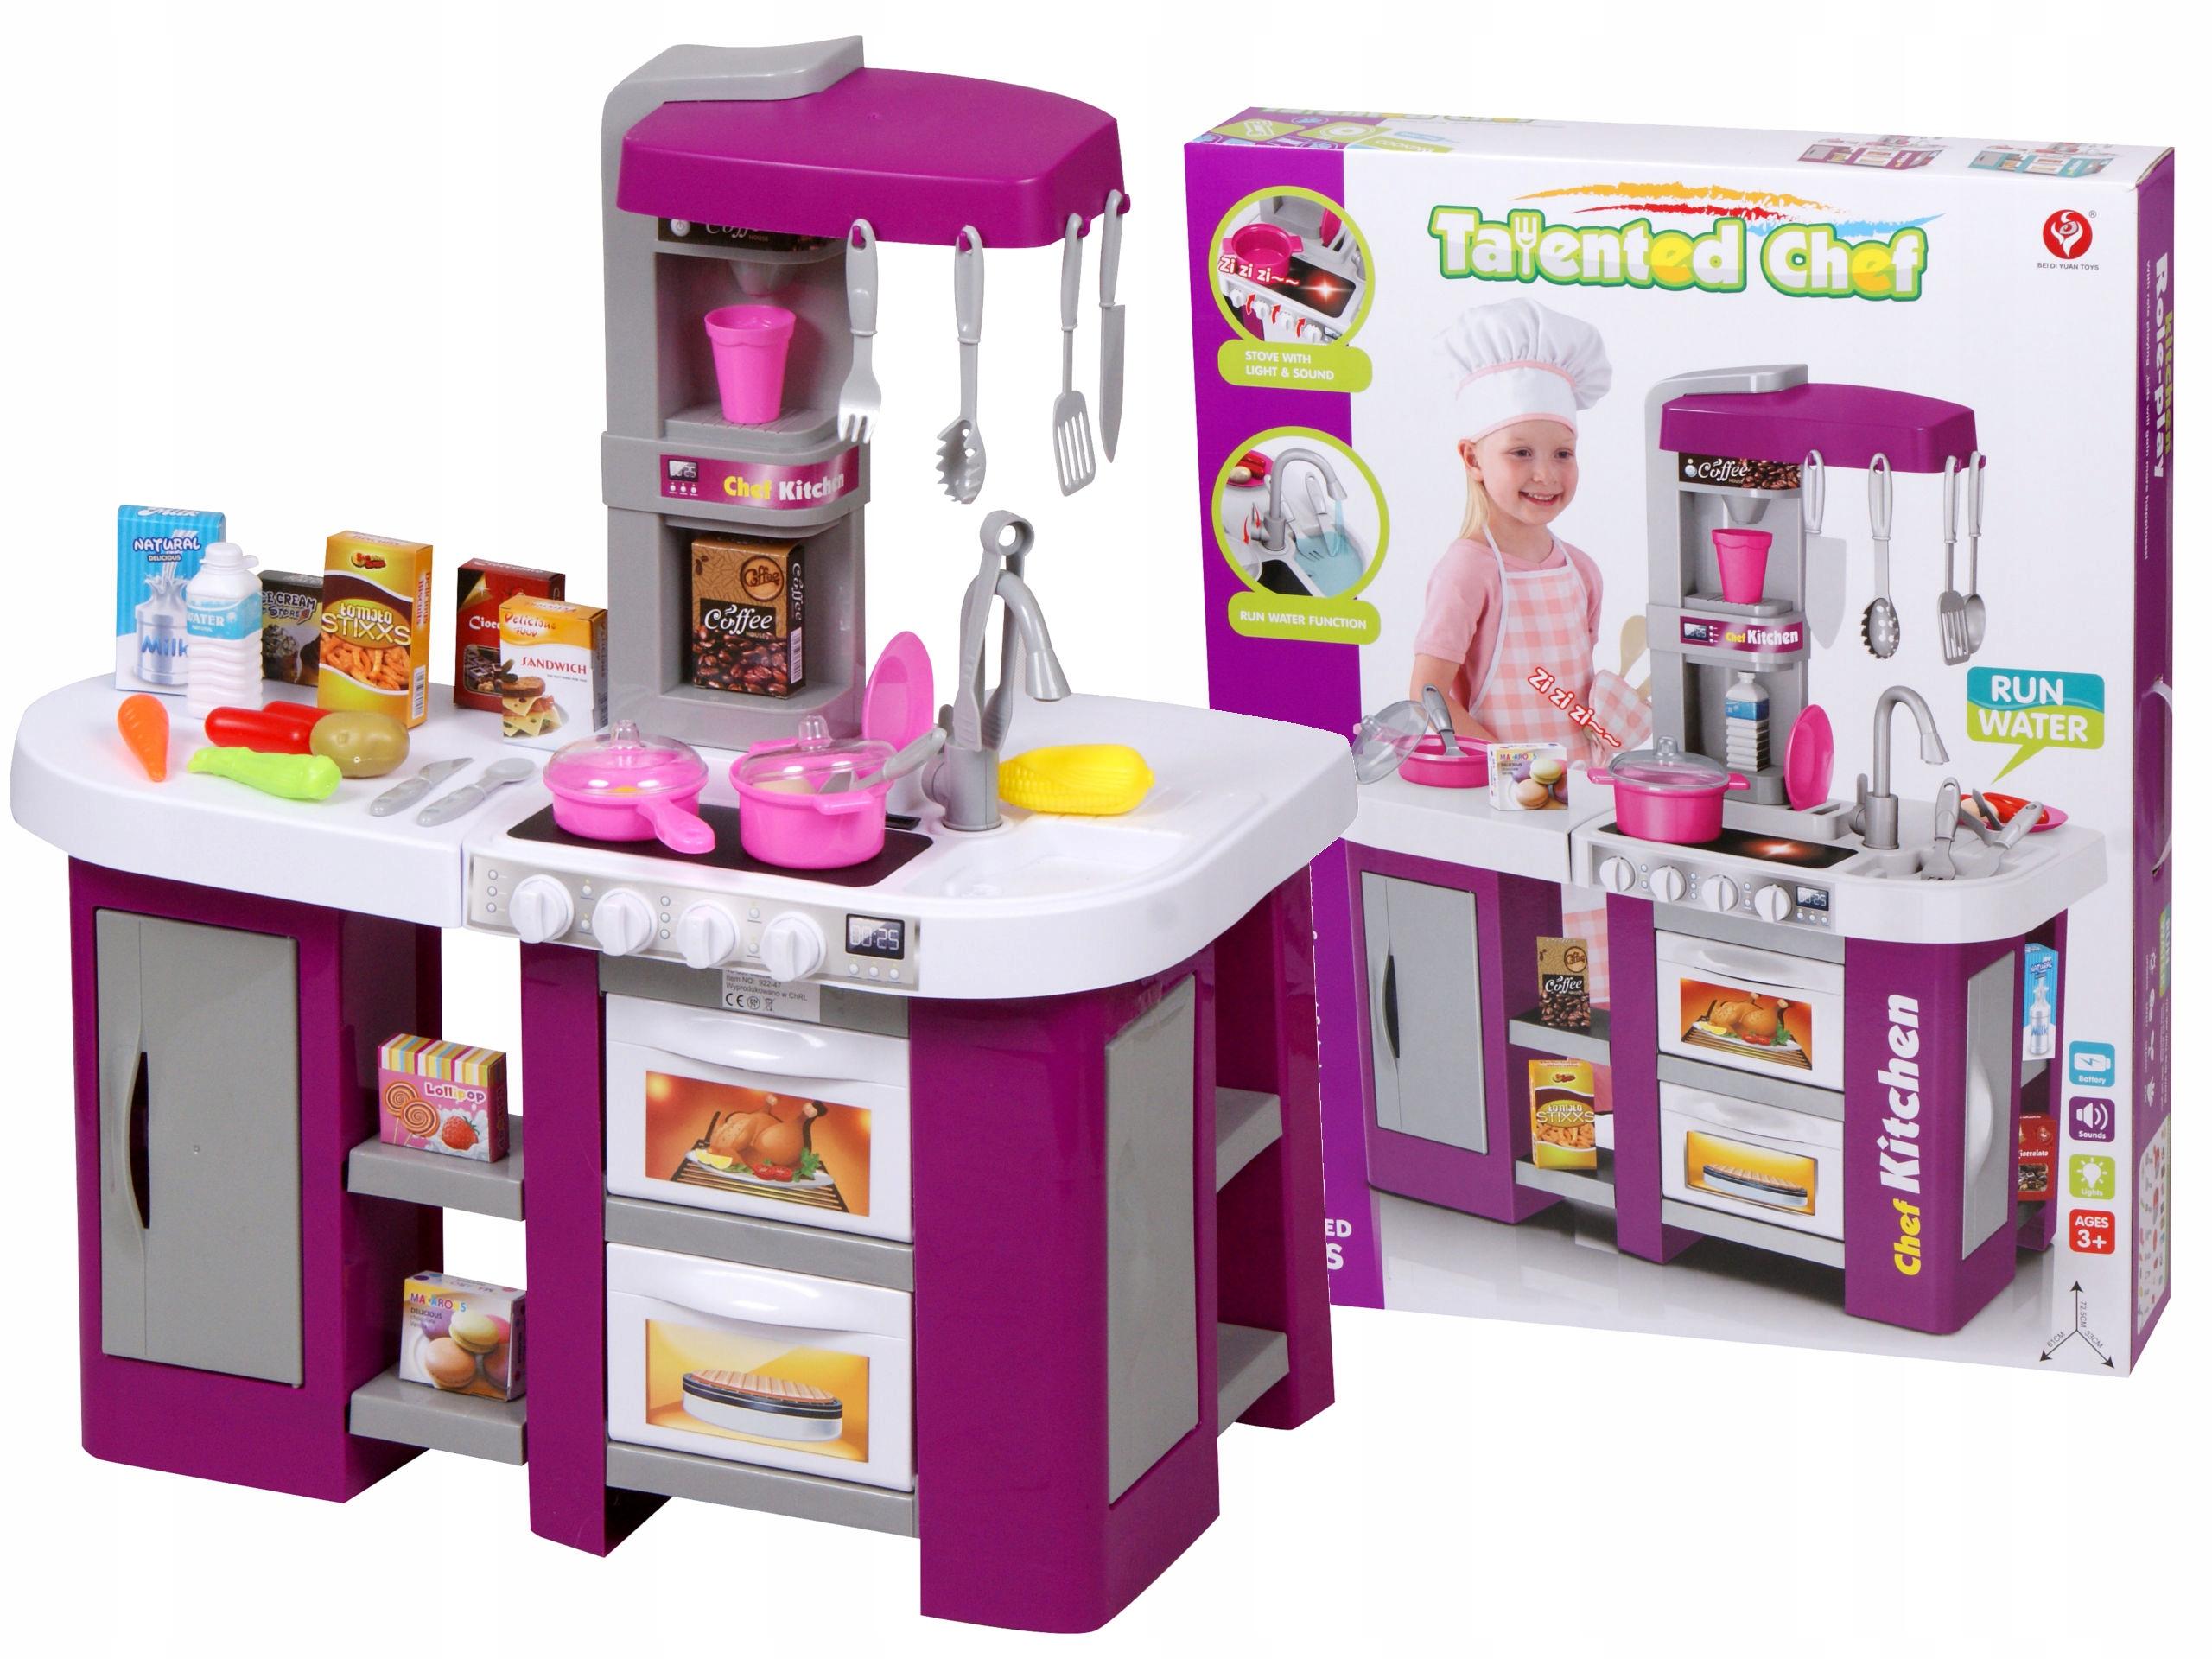 Kuchnia Kuchenka Dla Dzieci Duża 53 Elementy